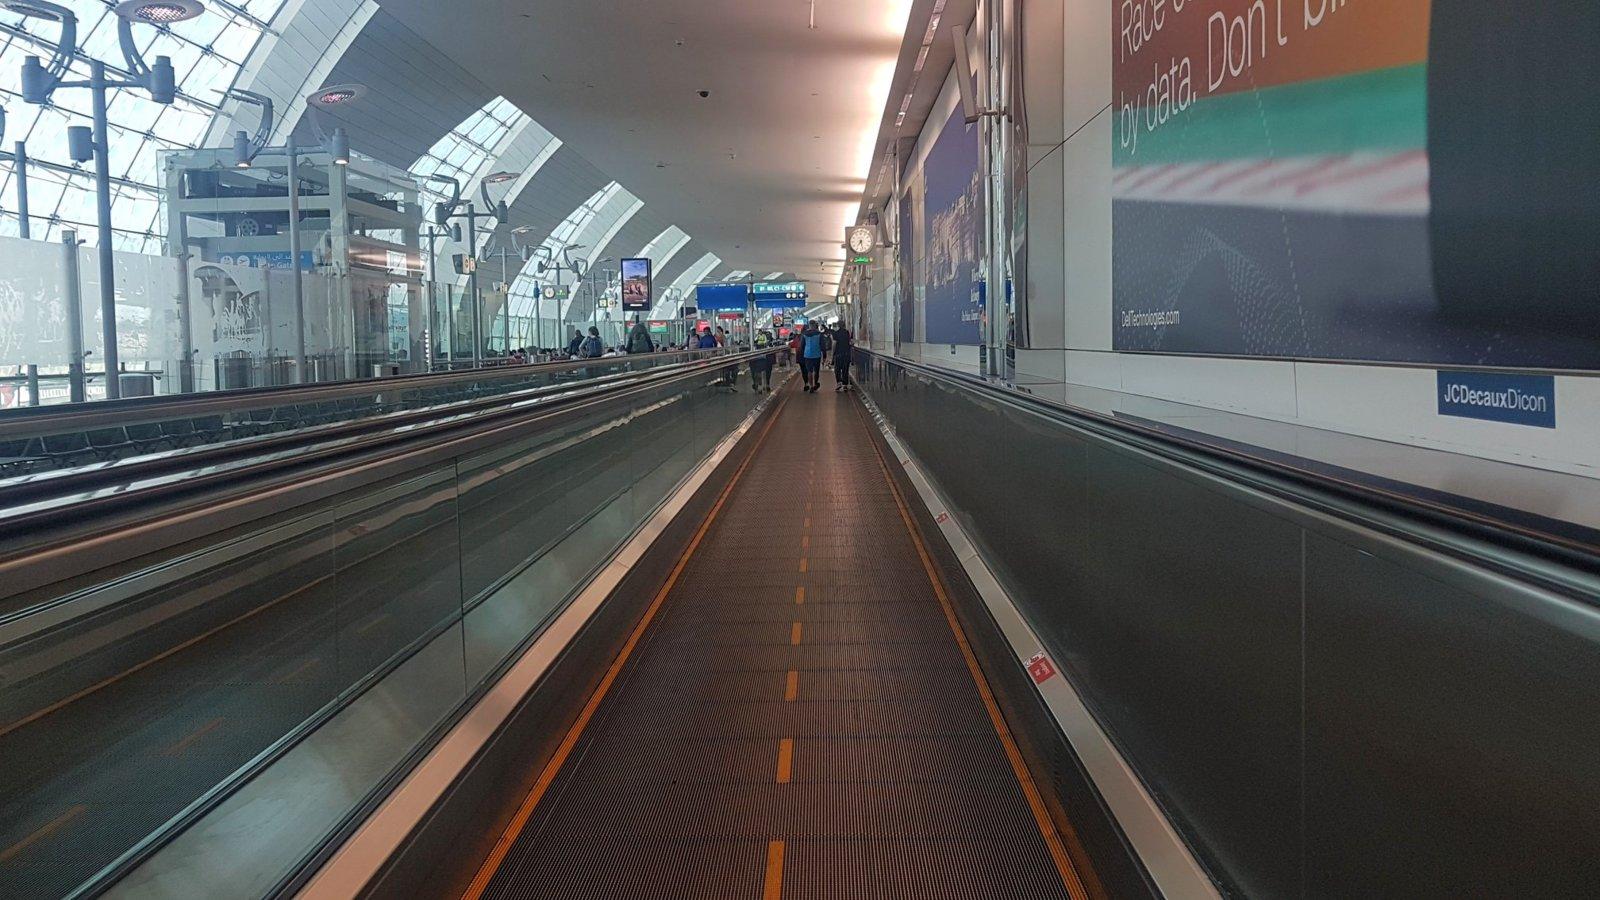 394359 المسافرون العرب كل ما تريد معرفته عن بالي بالصور والتفاصيل الجزء الاول